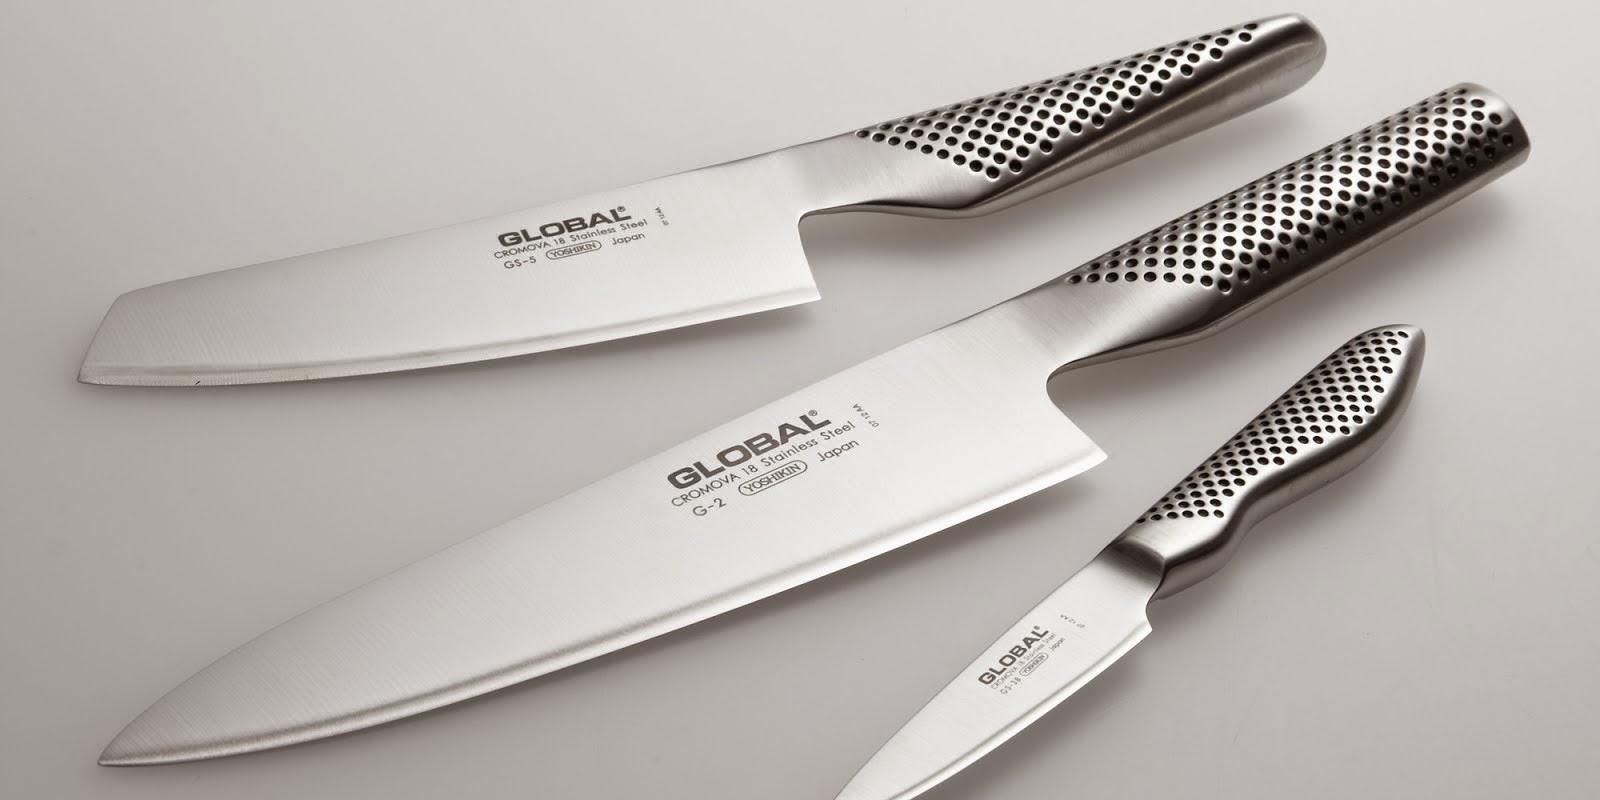 Knivslipning | Slipa knivar | Slipa kniv | Slipning av knivar | Slipa Globalkniv